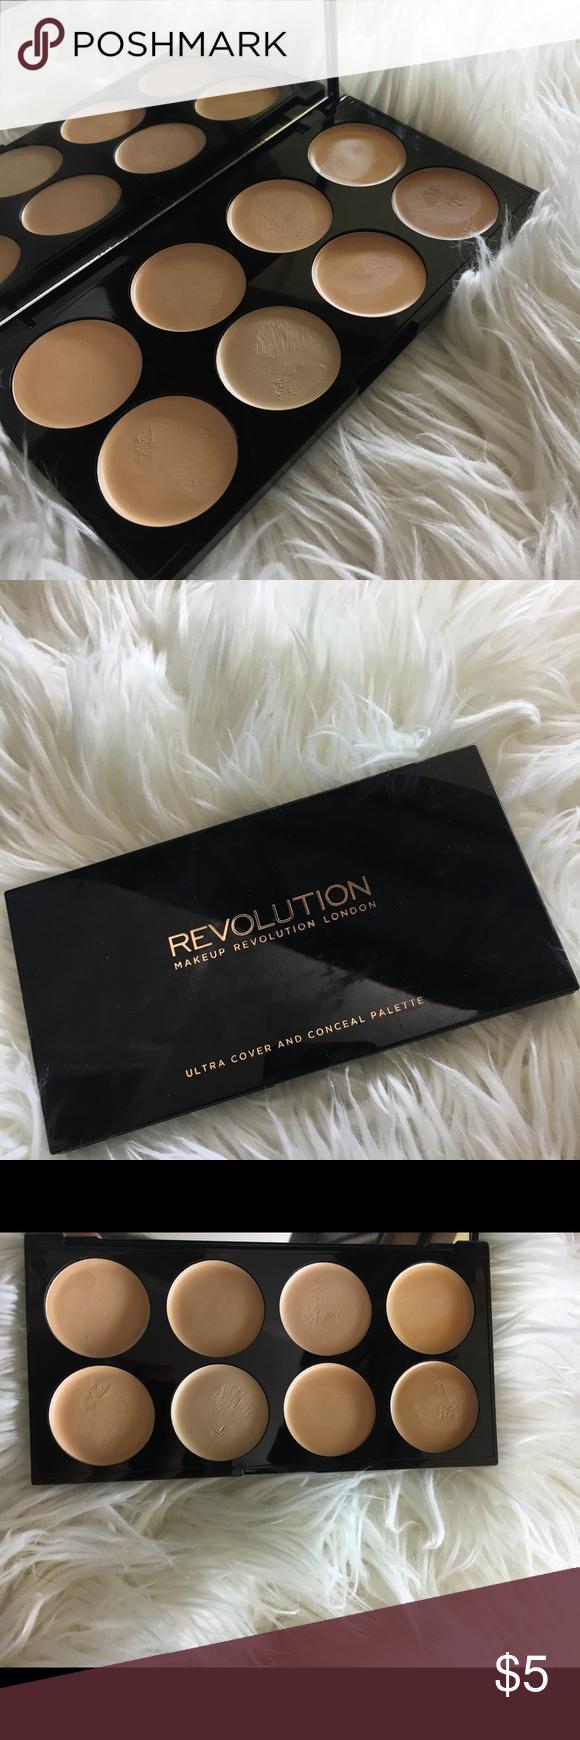 Makeup Revolution Concealer Palette Makeup revolution